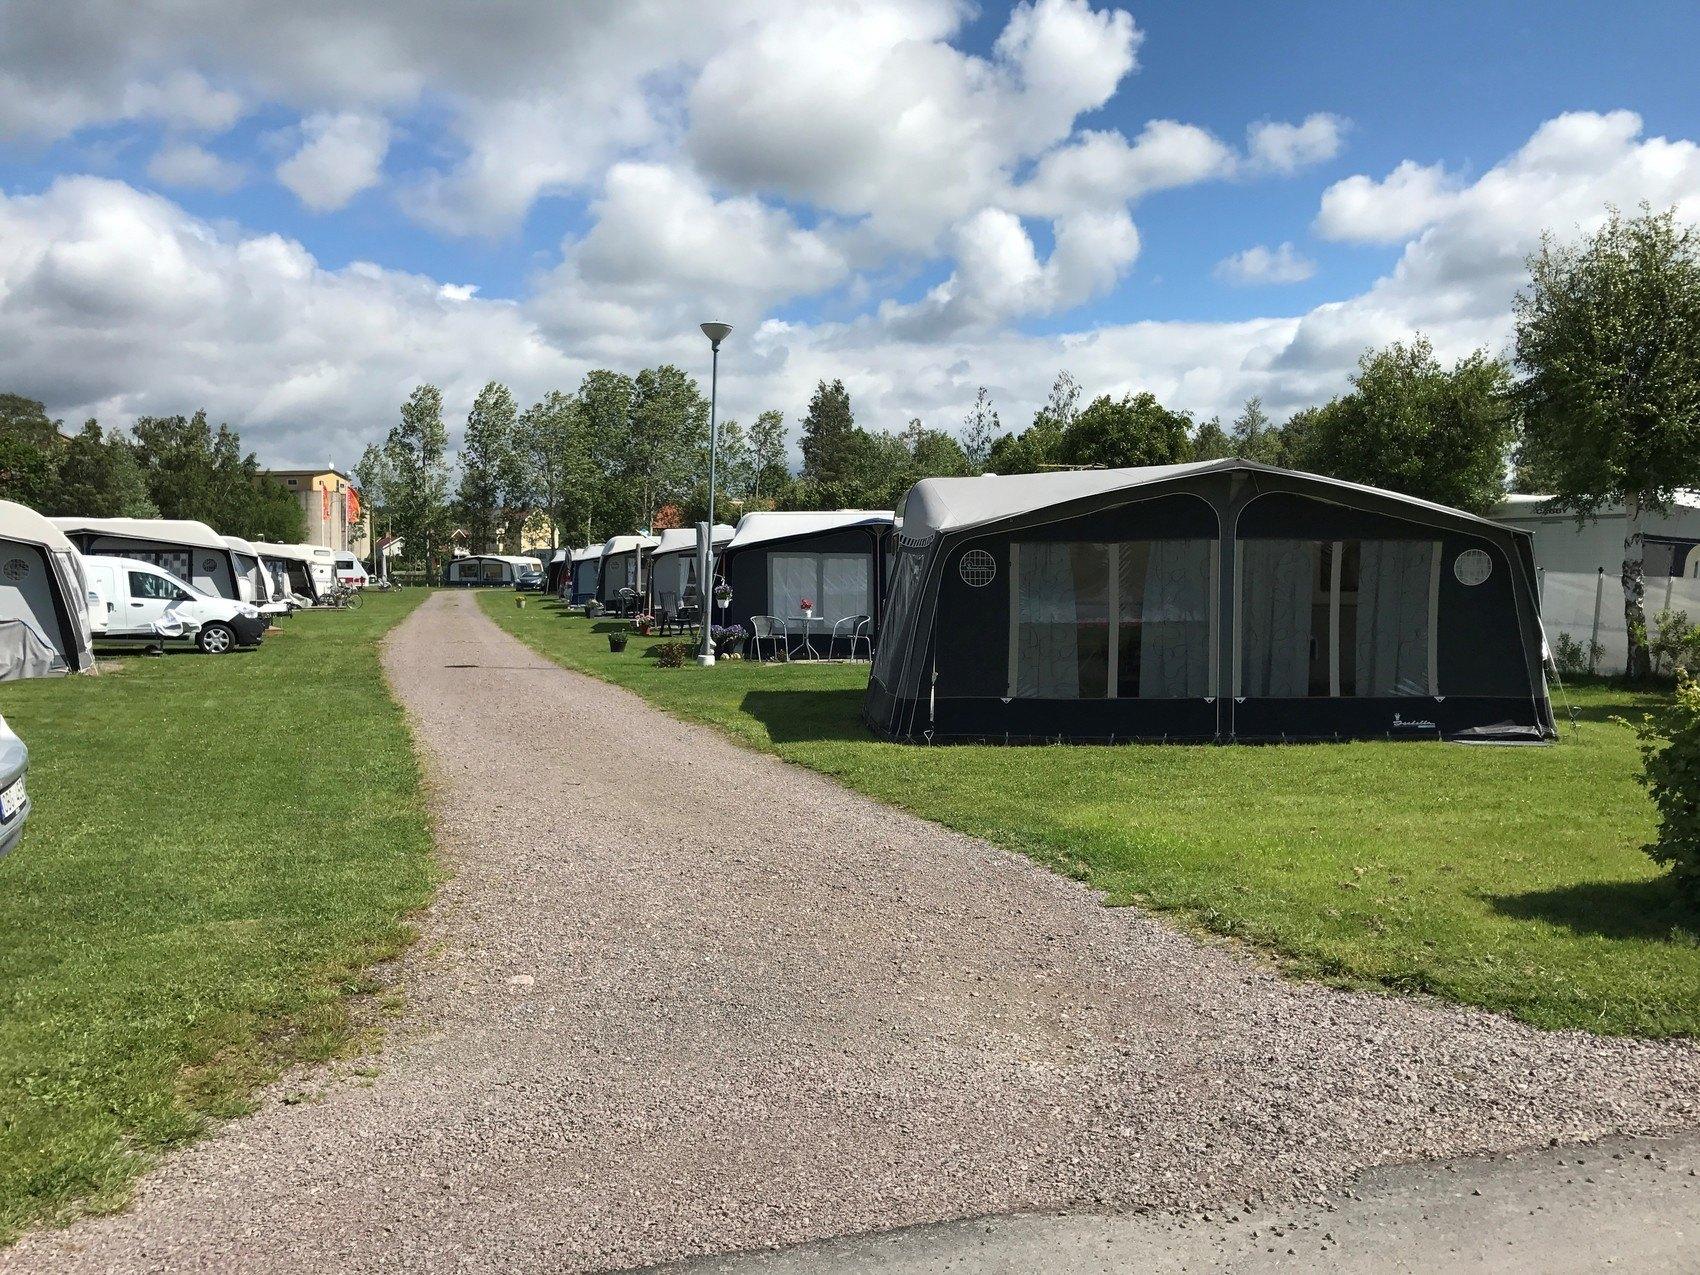 Väg genom campingområde. Längst fram syns en husvagn med ett stort förtält och i bakgrunden skymtar fler.